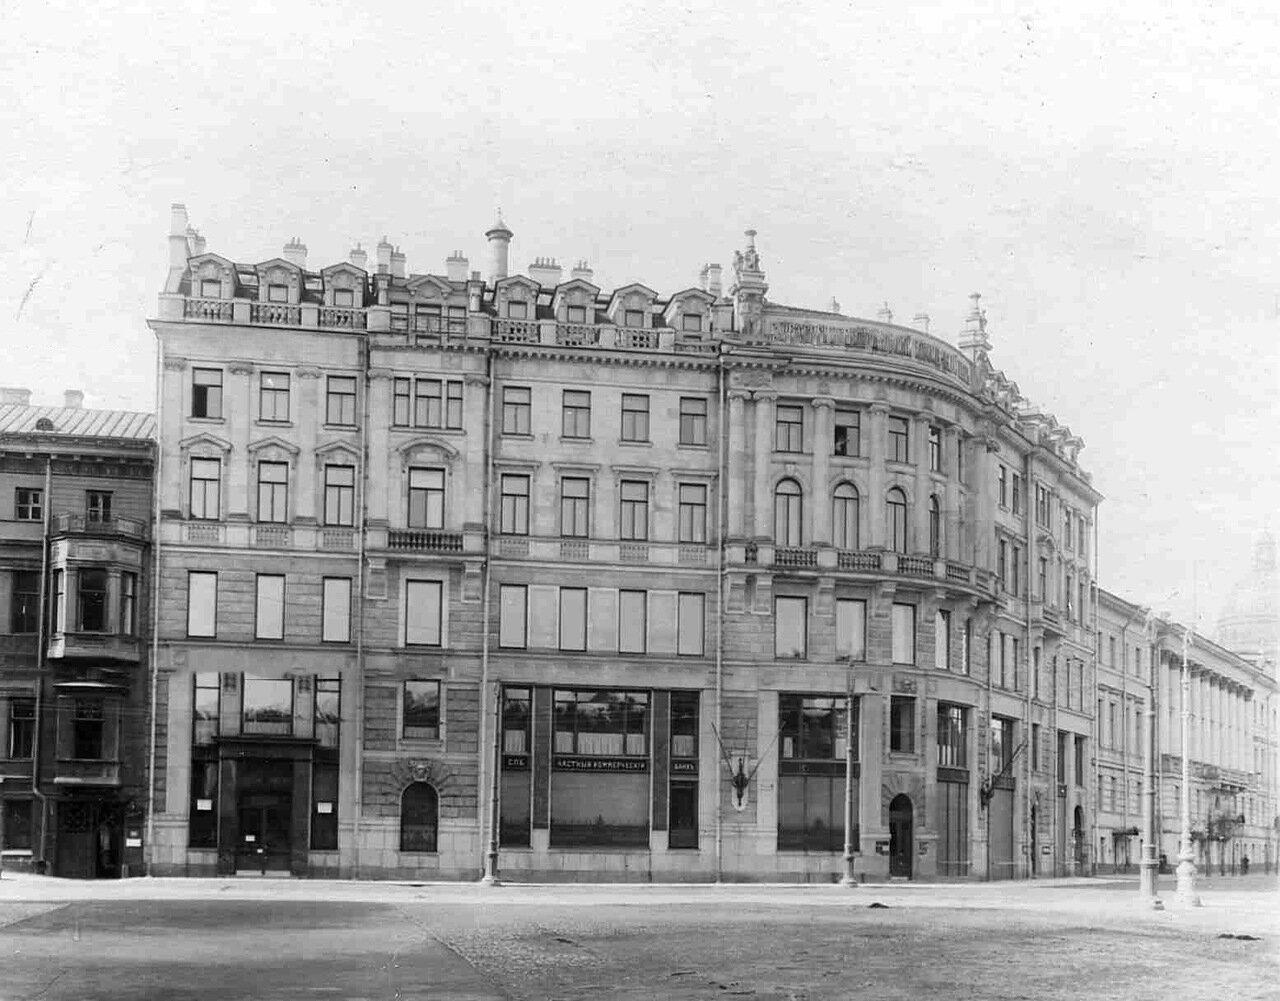 02. Внешний вид здания Петербургского частного коммерческого банка (Невский пр., д.1). Май 1914